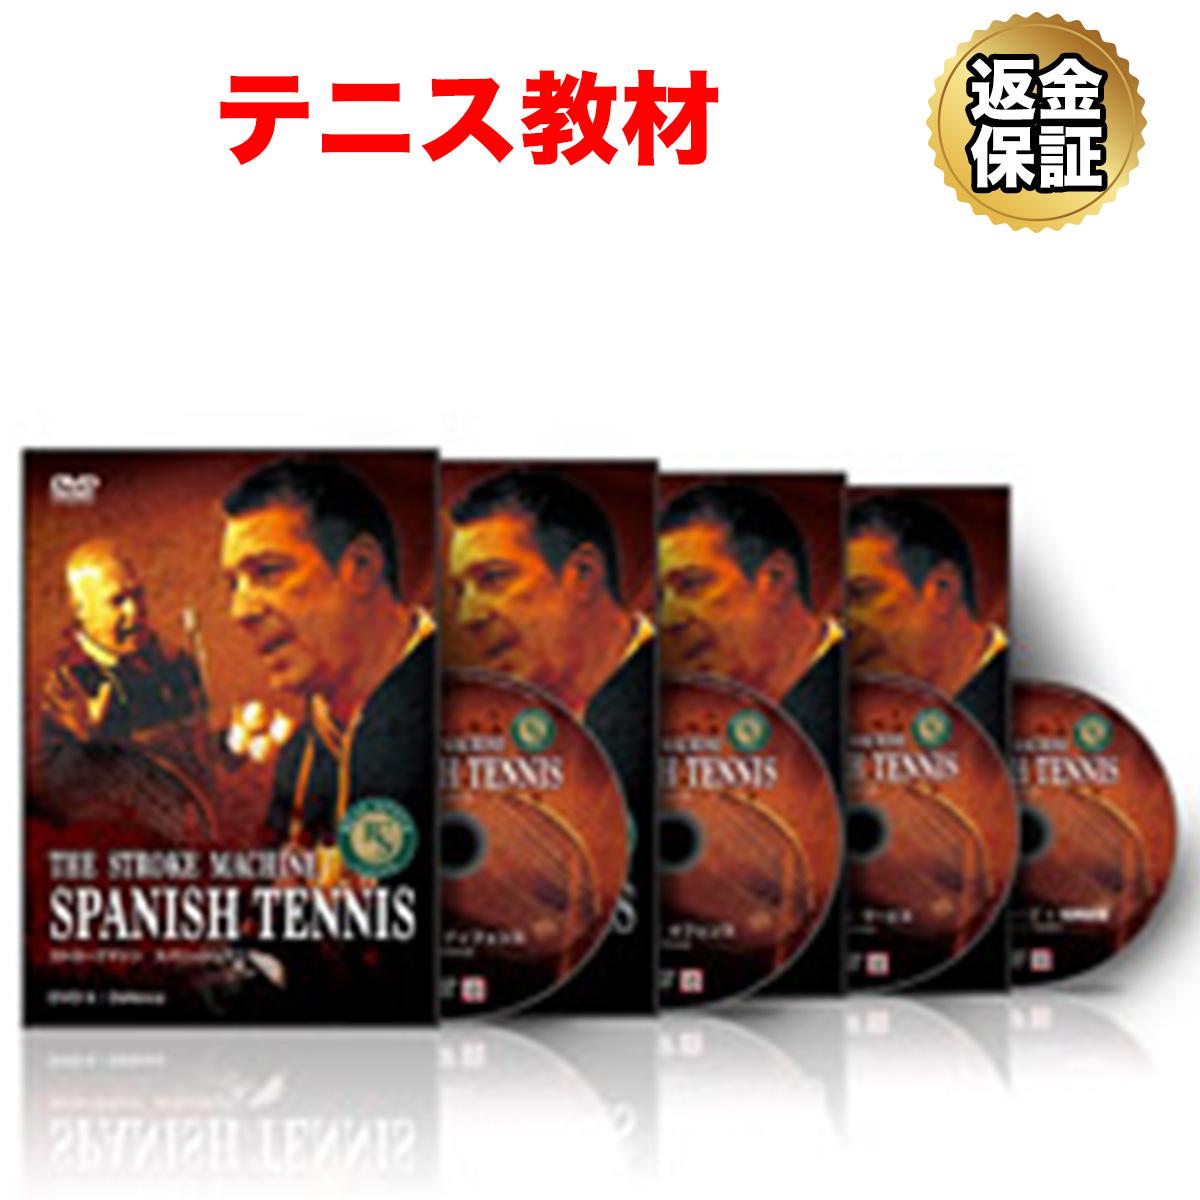 テニス 教材 DVD THE STROKE MACHINE SPANISH TENNIS Disc6~9